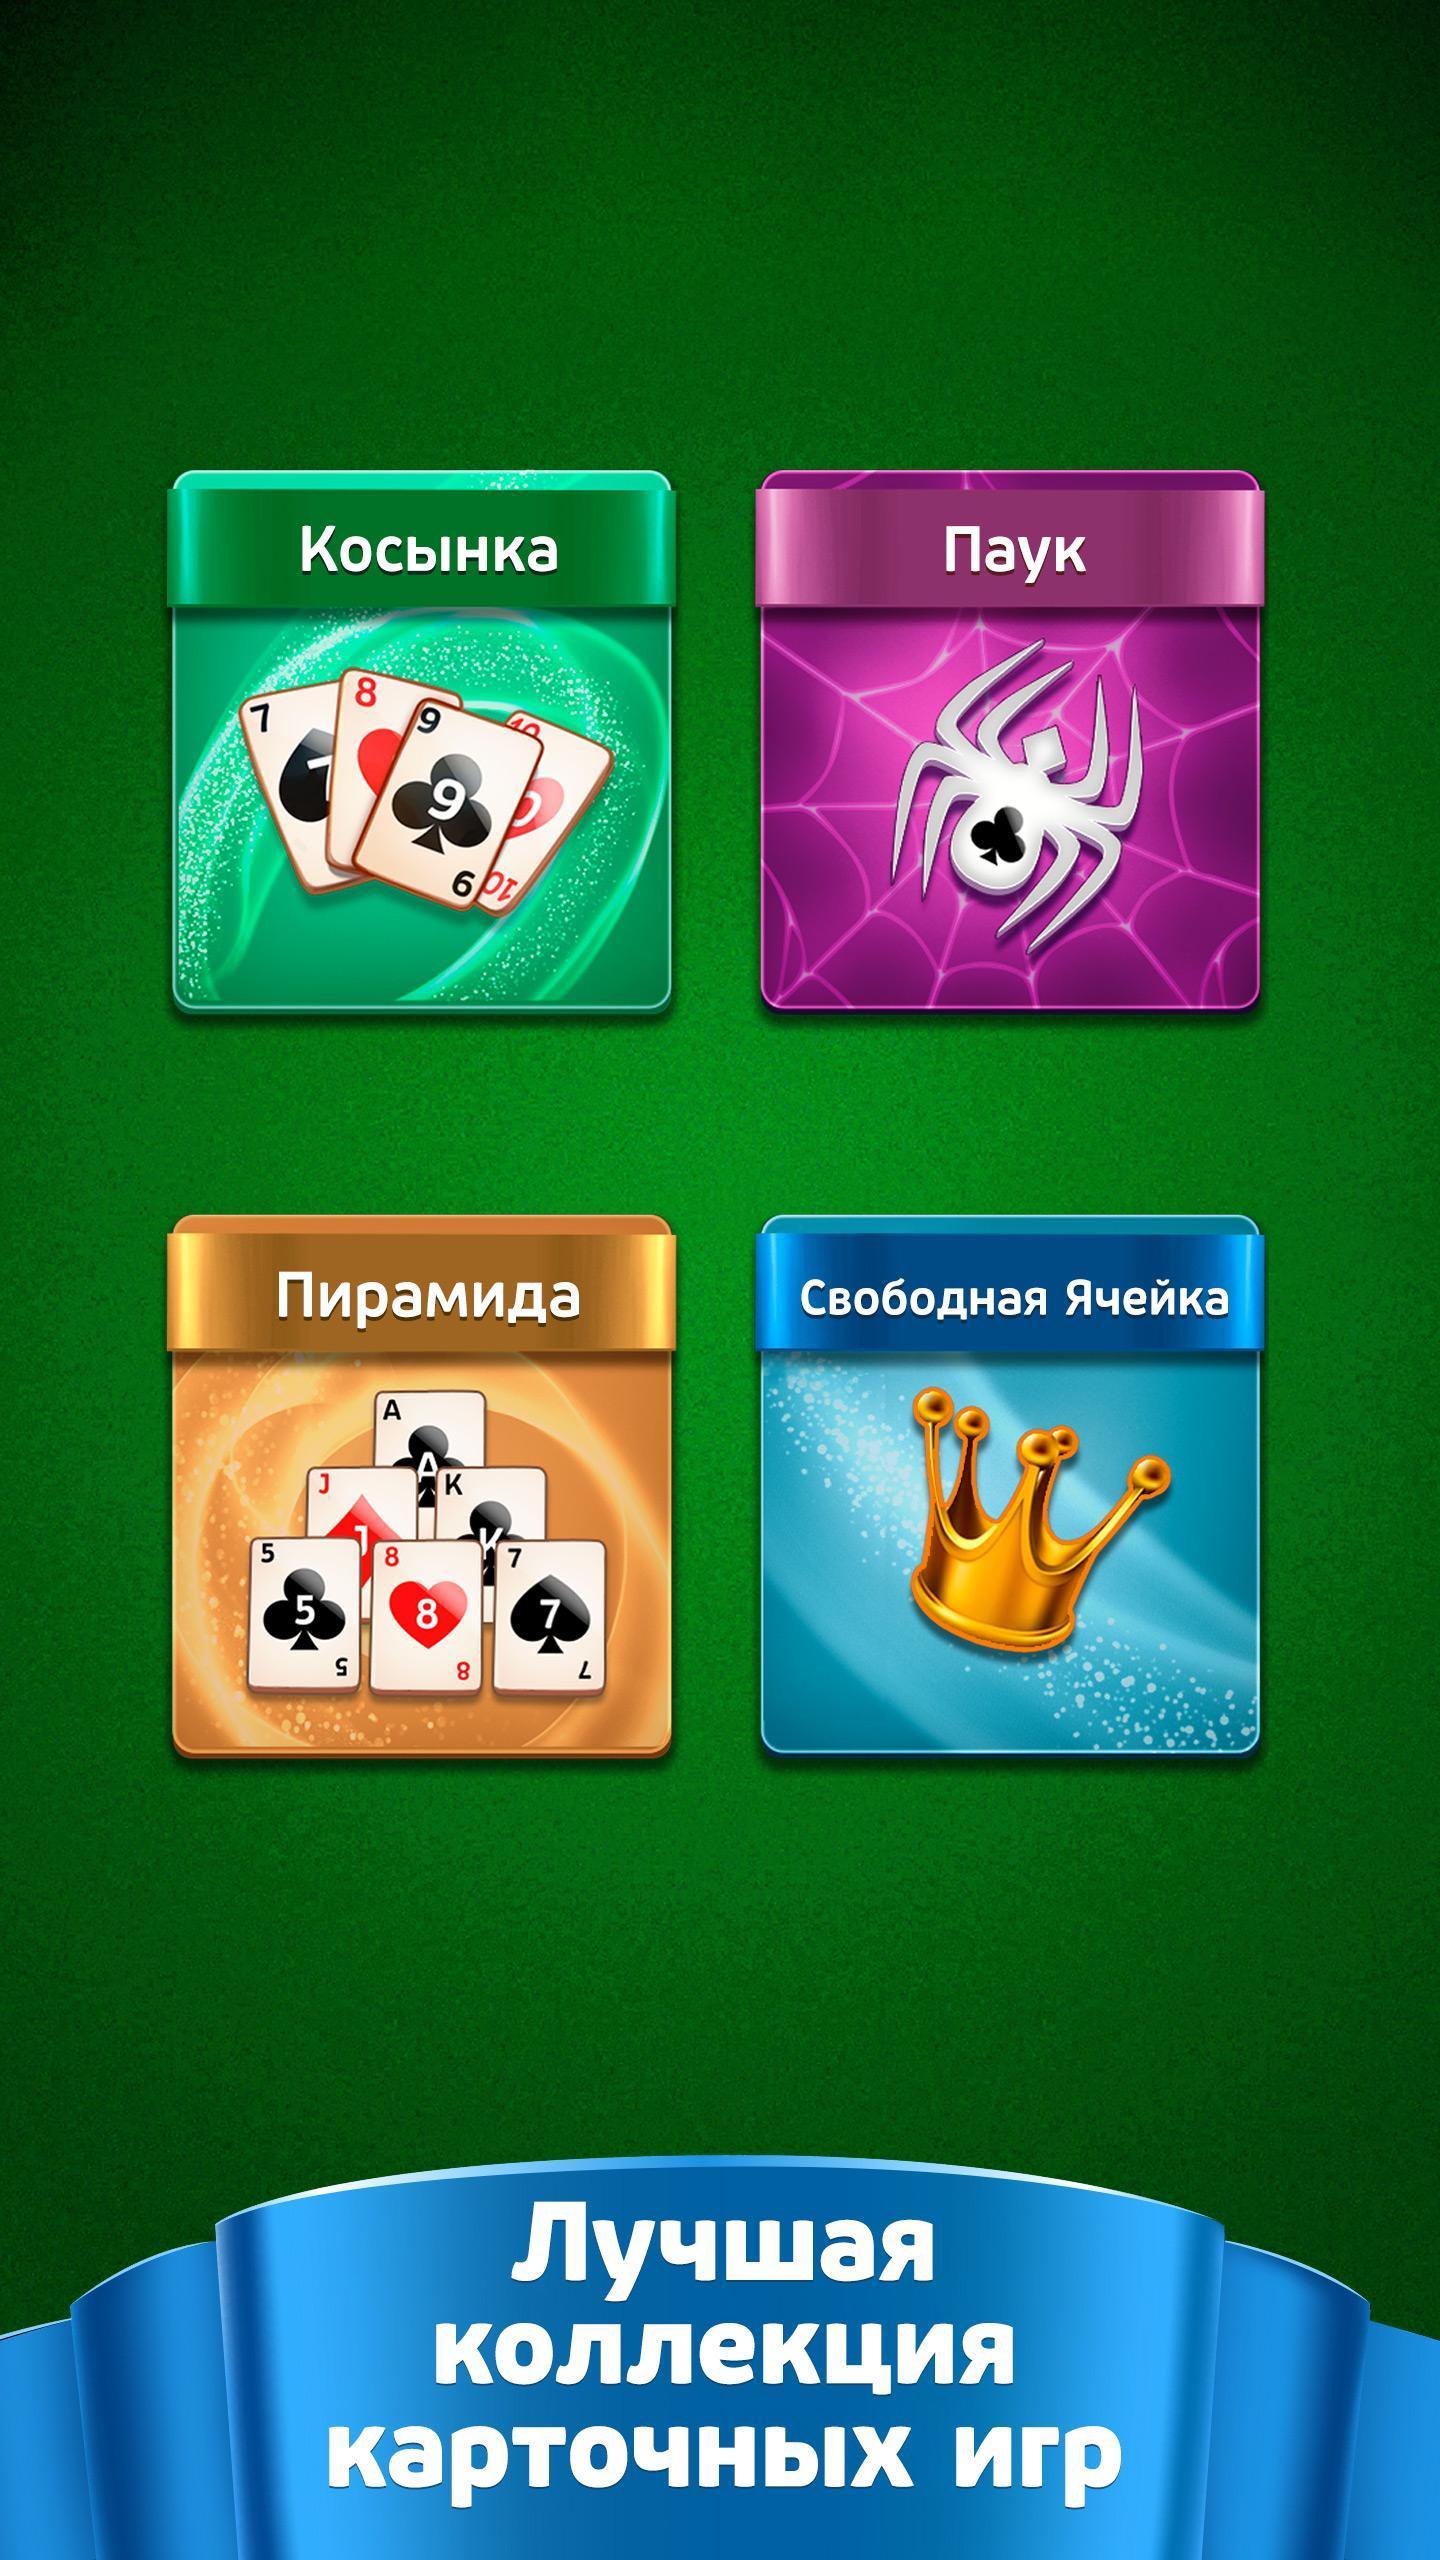 Новоматики играть бесплатно